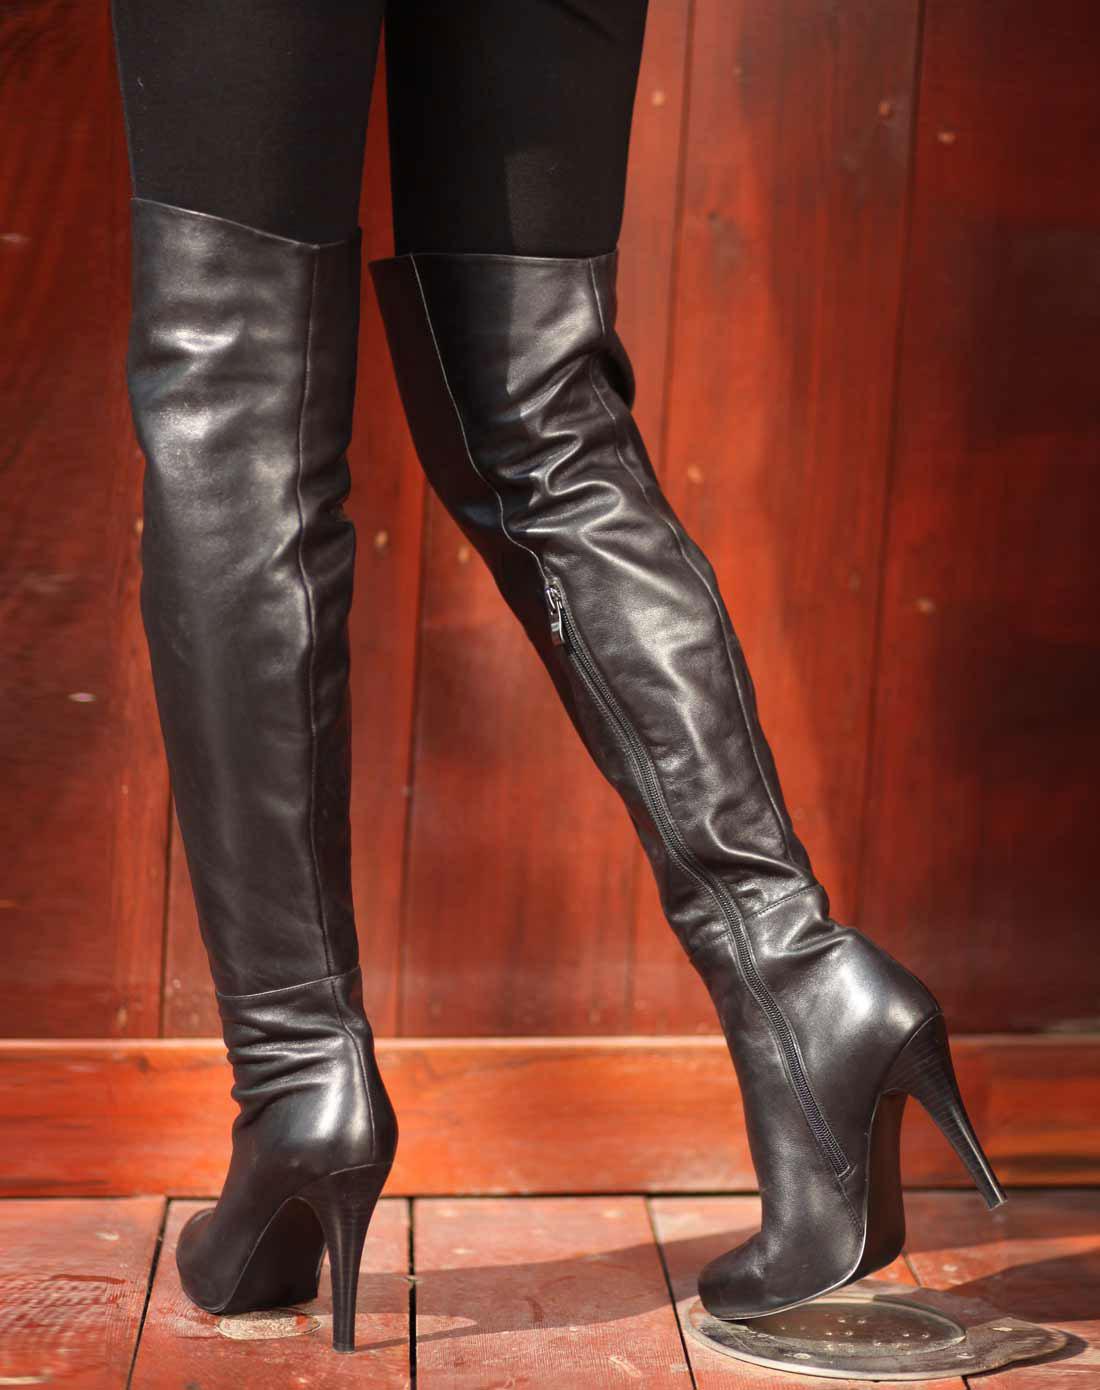 超长过膝长靴美女 牛仔裤过膝长靴